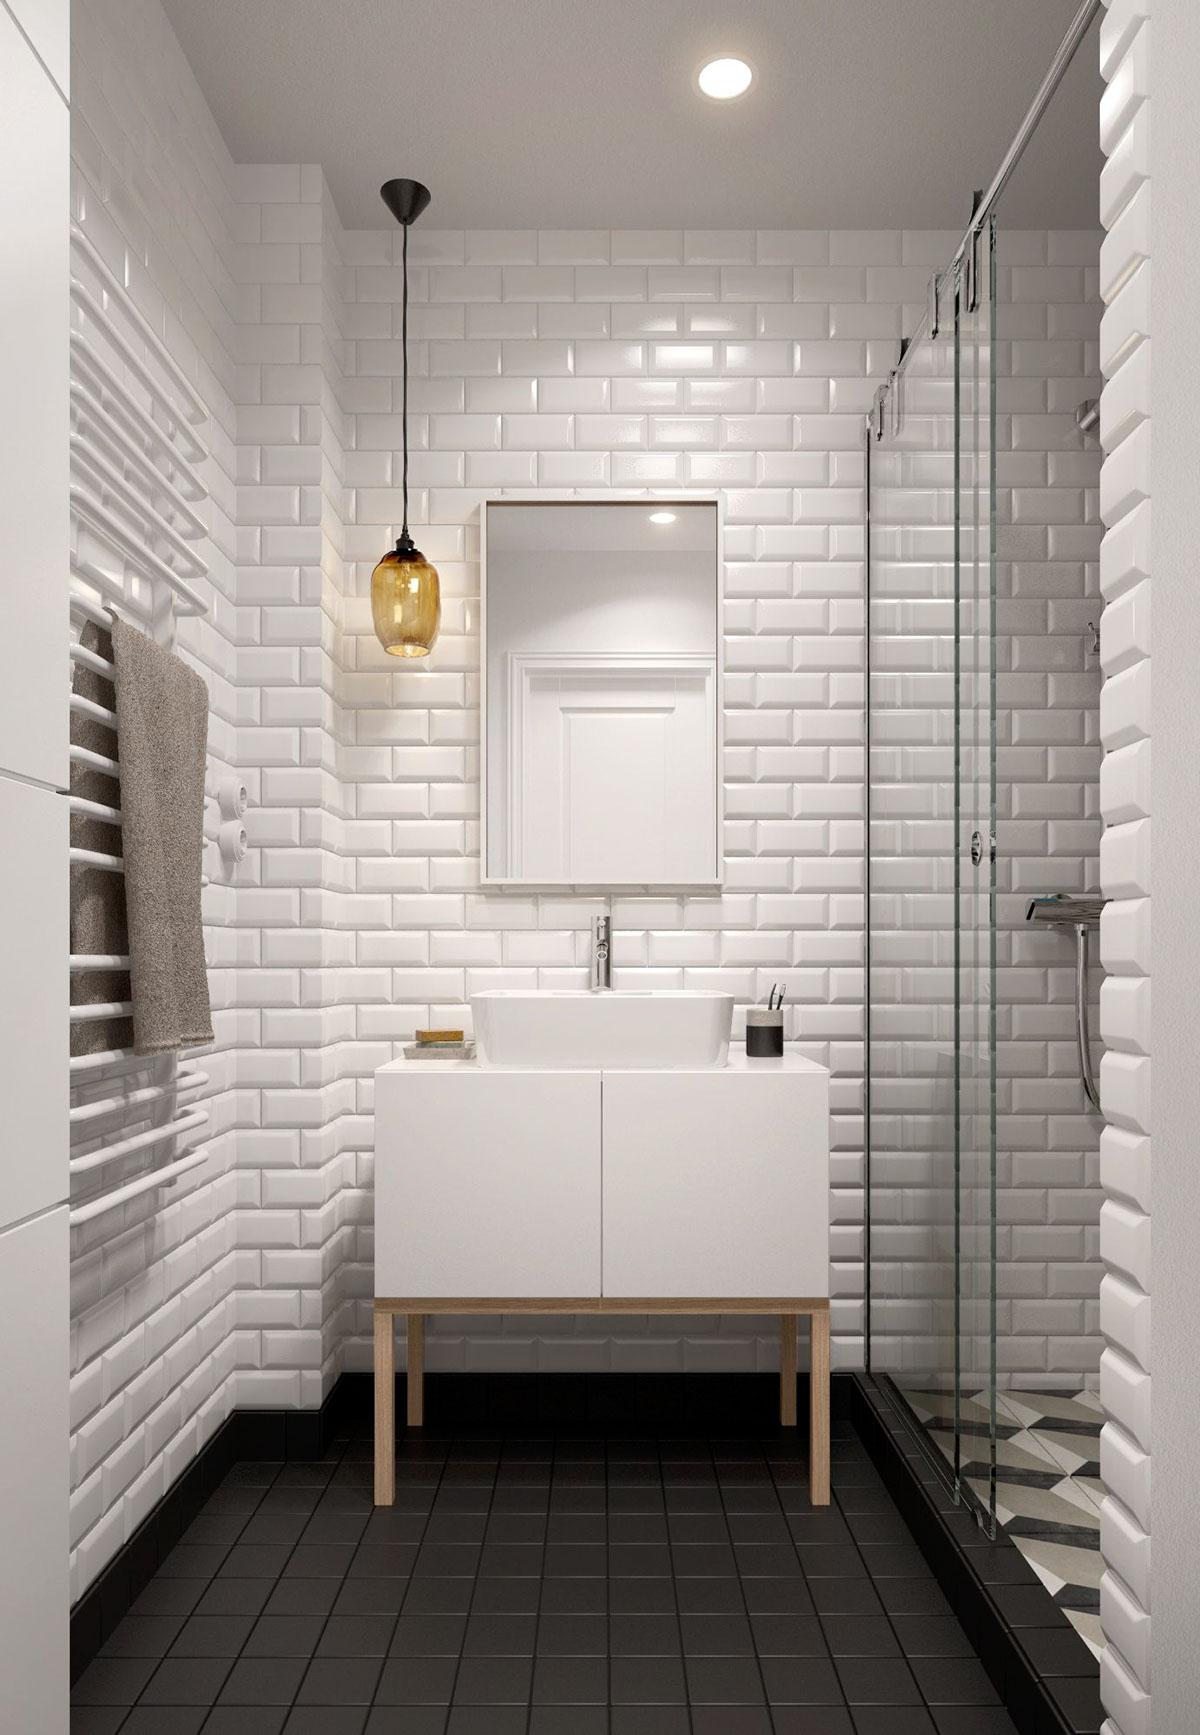 Белая плитка под кирпич в интерьере черно-белой ванной 5 кв м